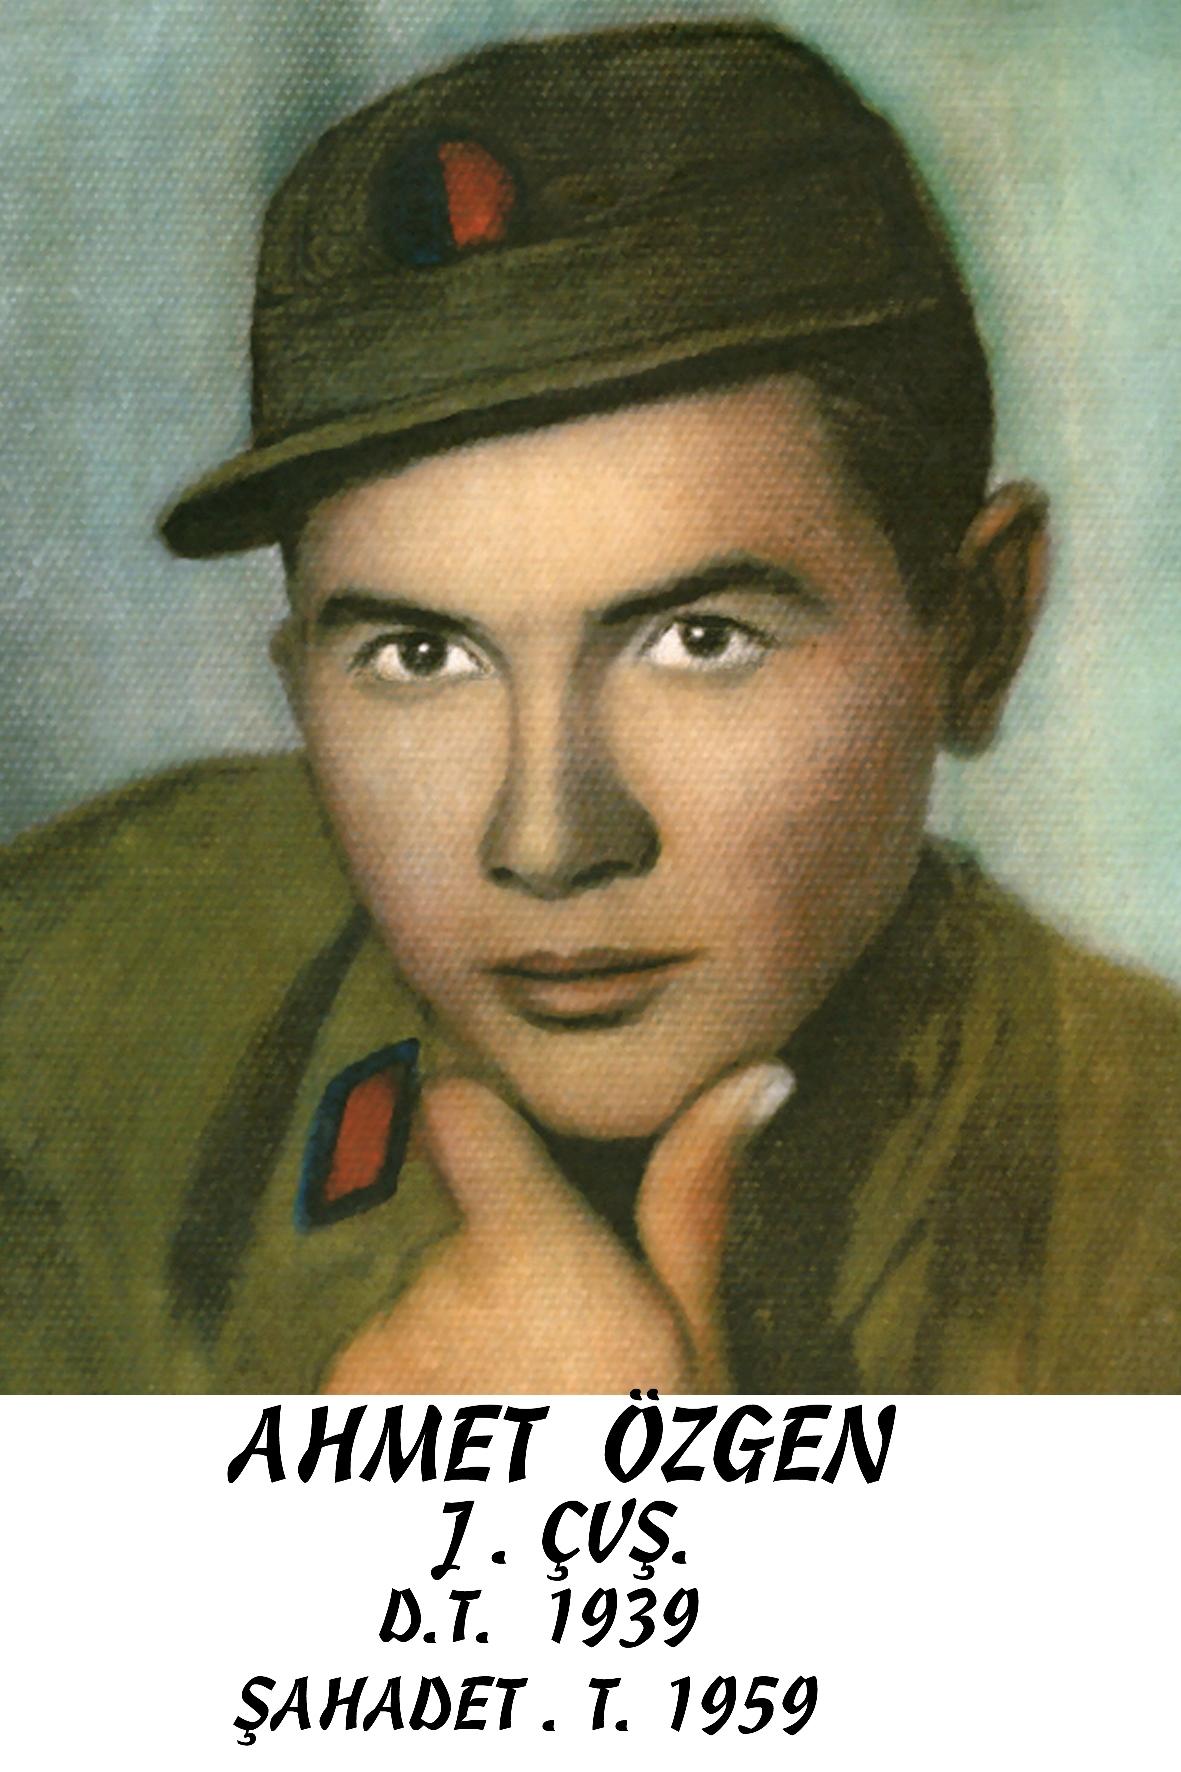 AHMET ÖZGEN